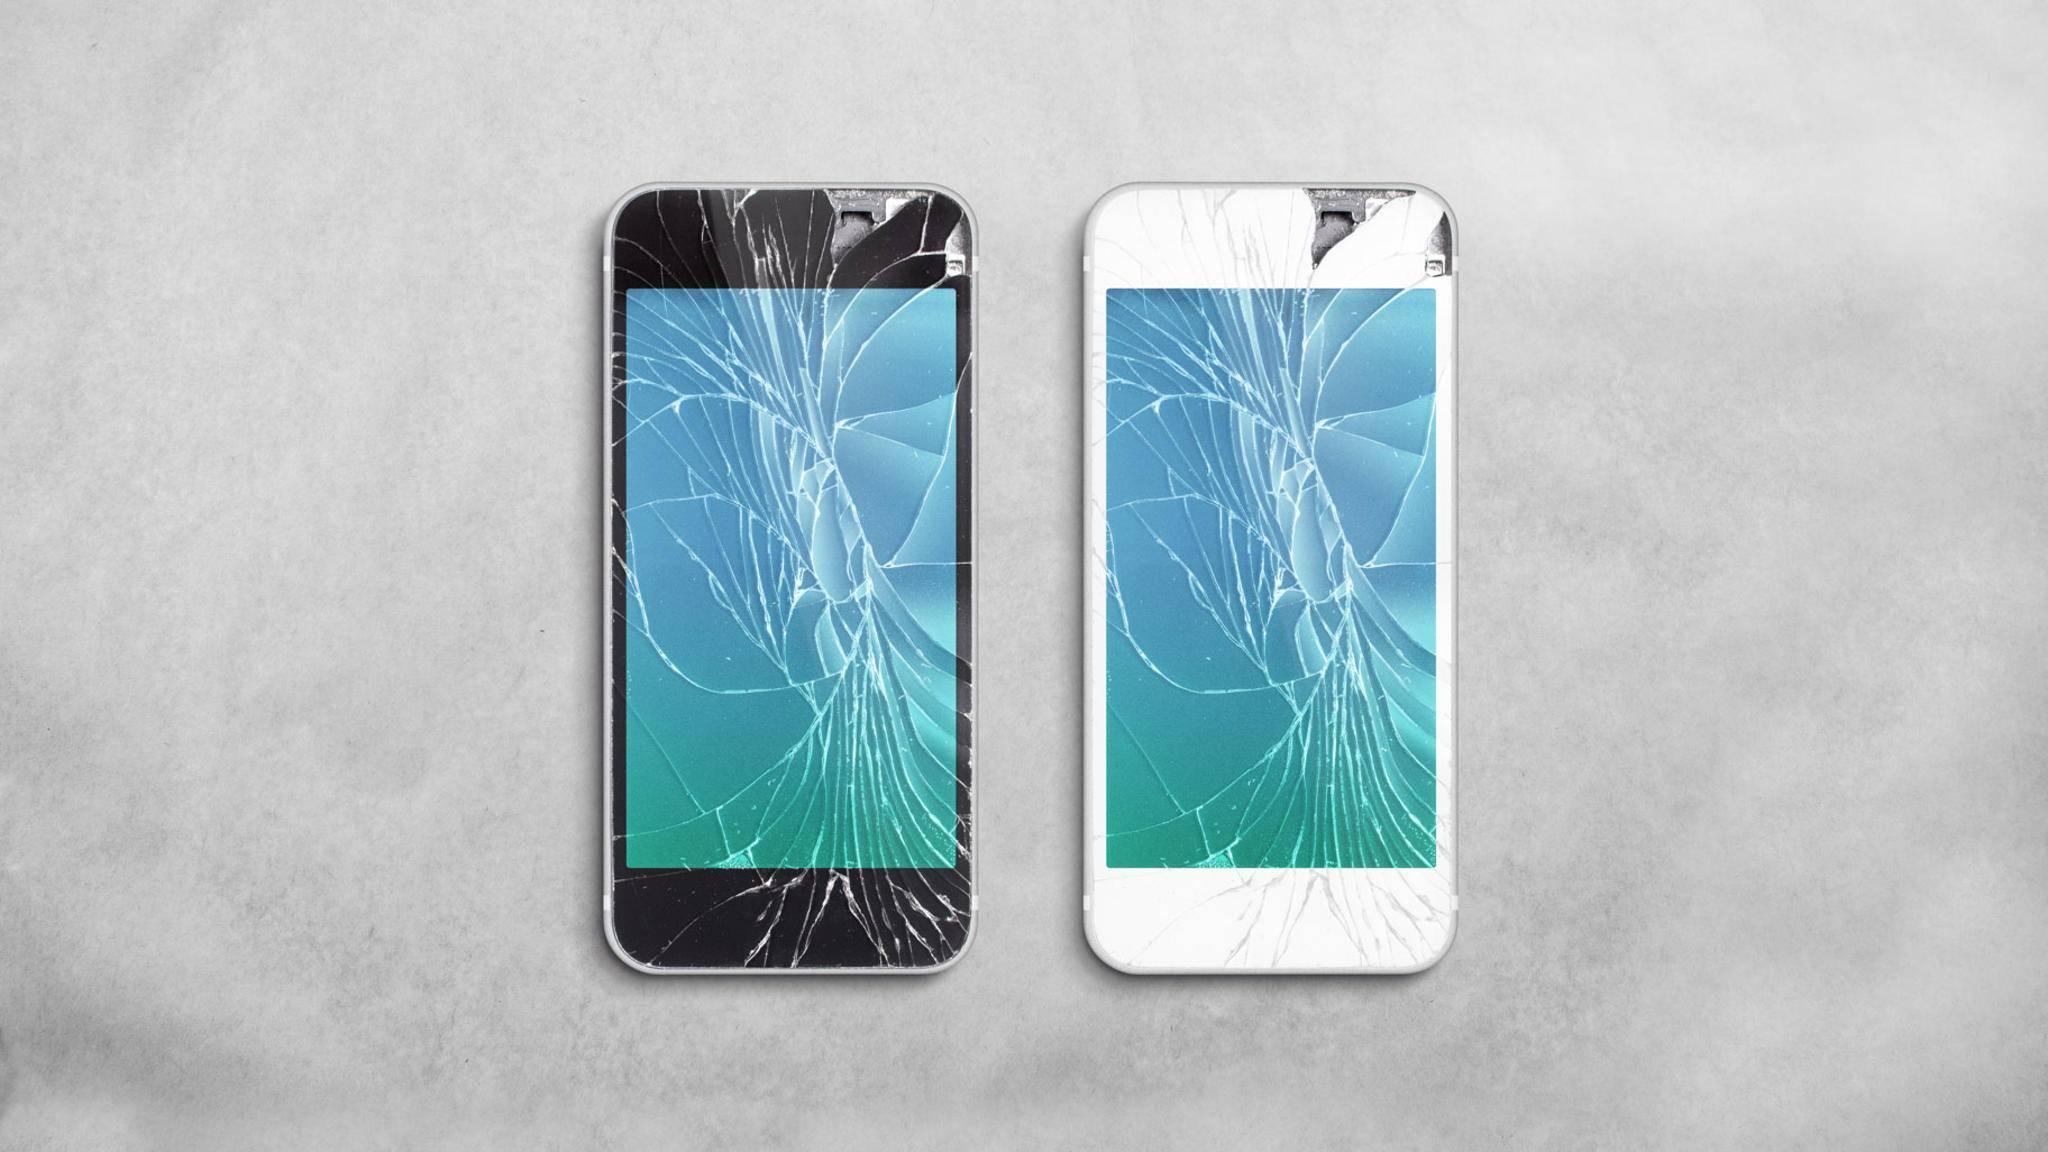 Ein neues Apple-Patent könnte Displayrisse künftig frühzeitig erkennen und melden.